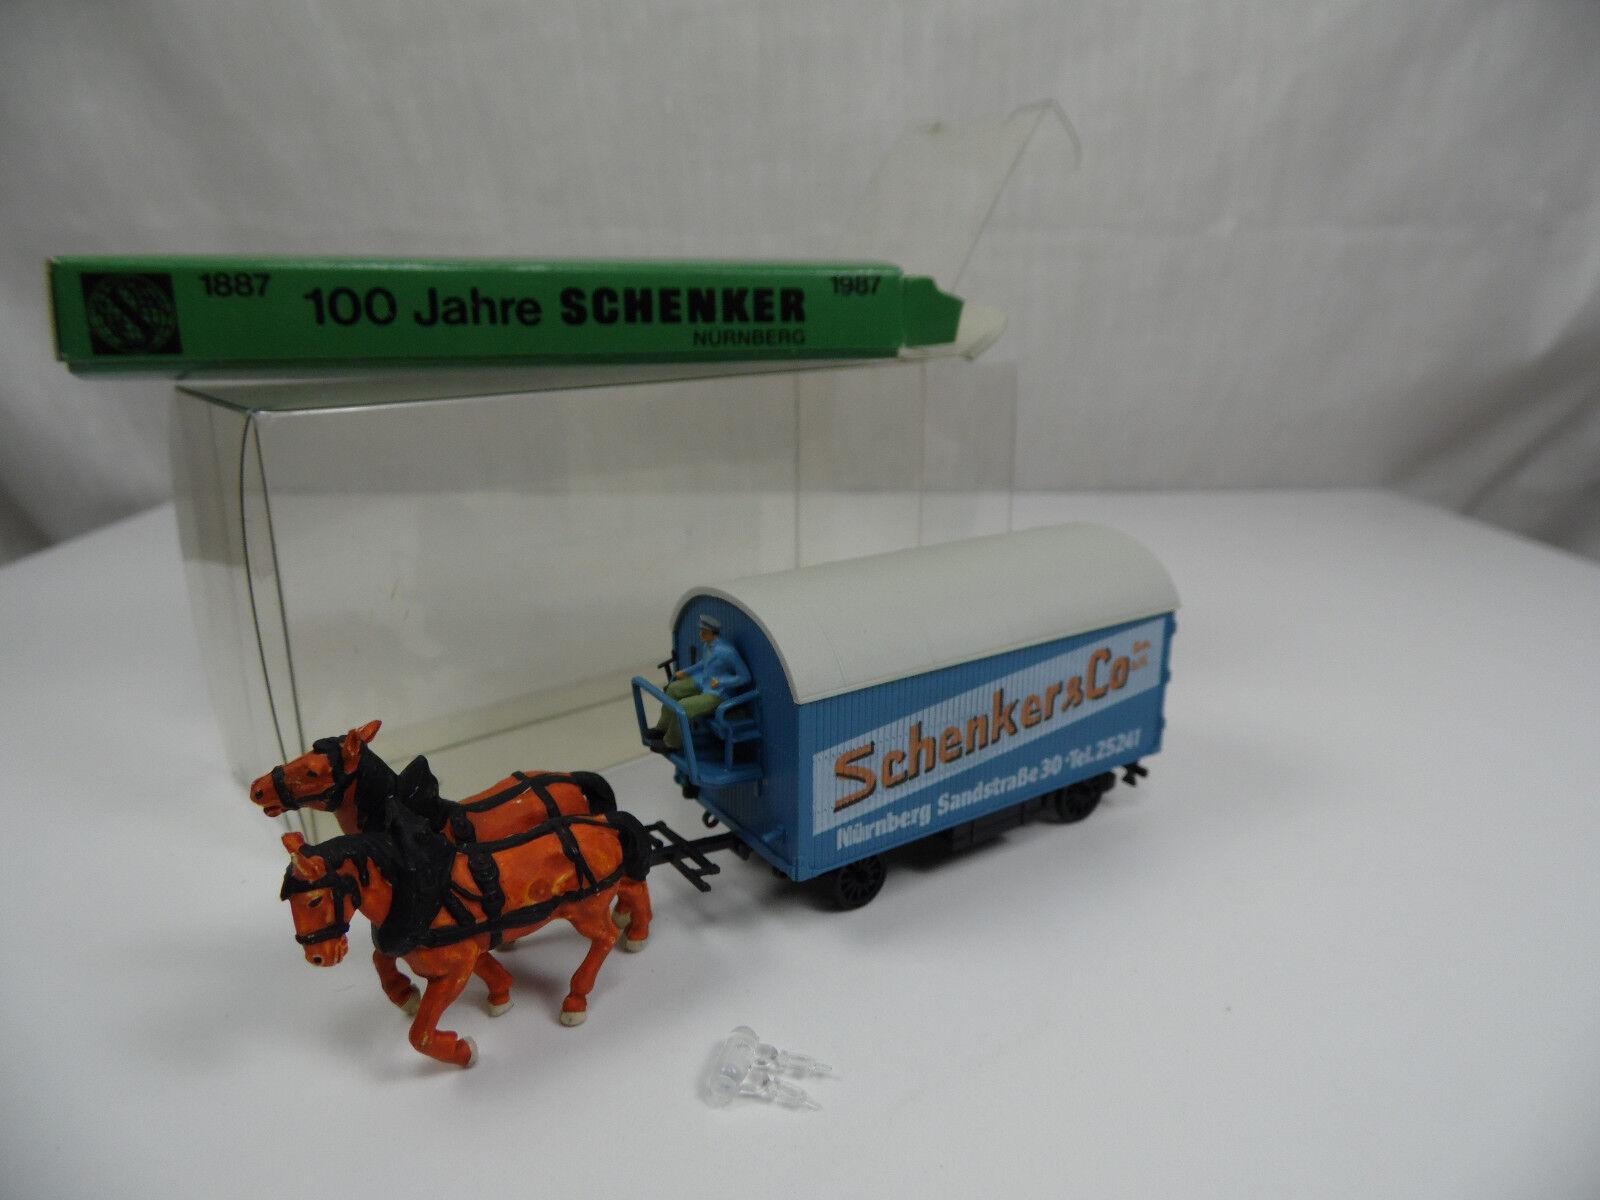 H1199, Rietze Pfederfürwerk 100 Jahre SCHENKER FRAMTID 65533;65533; rnberg låda 1 87  H0 6010 SOSE